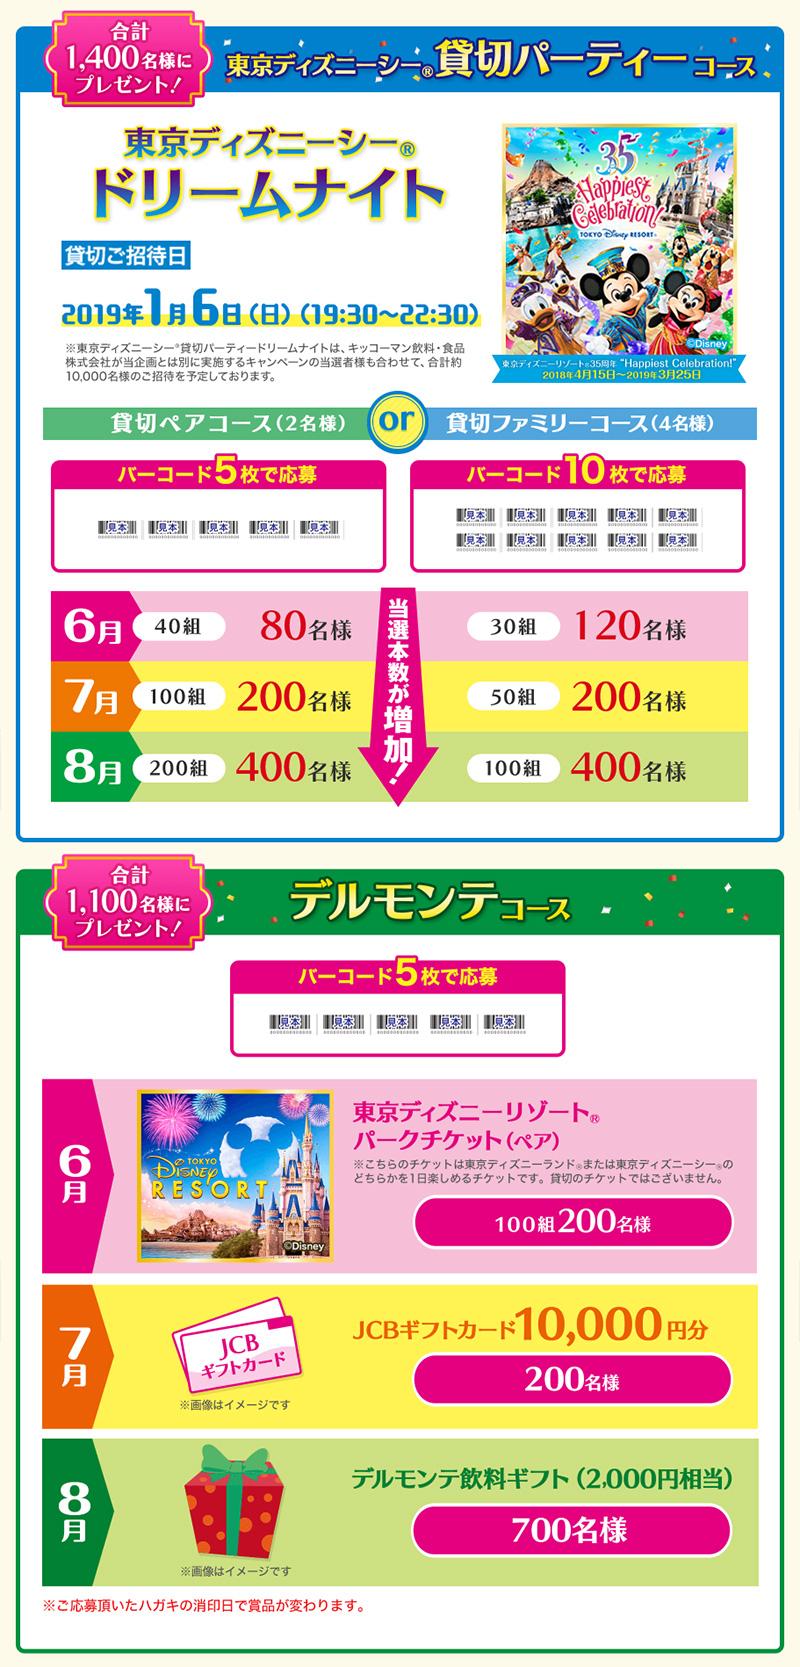 デルモンテ ディズニー懸賞キャンペーン2018夏 プレゼント懸賞品